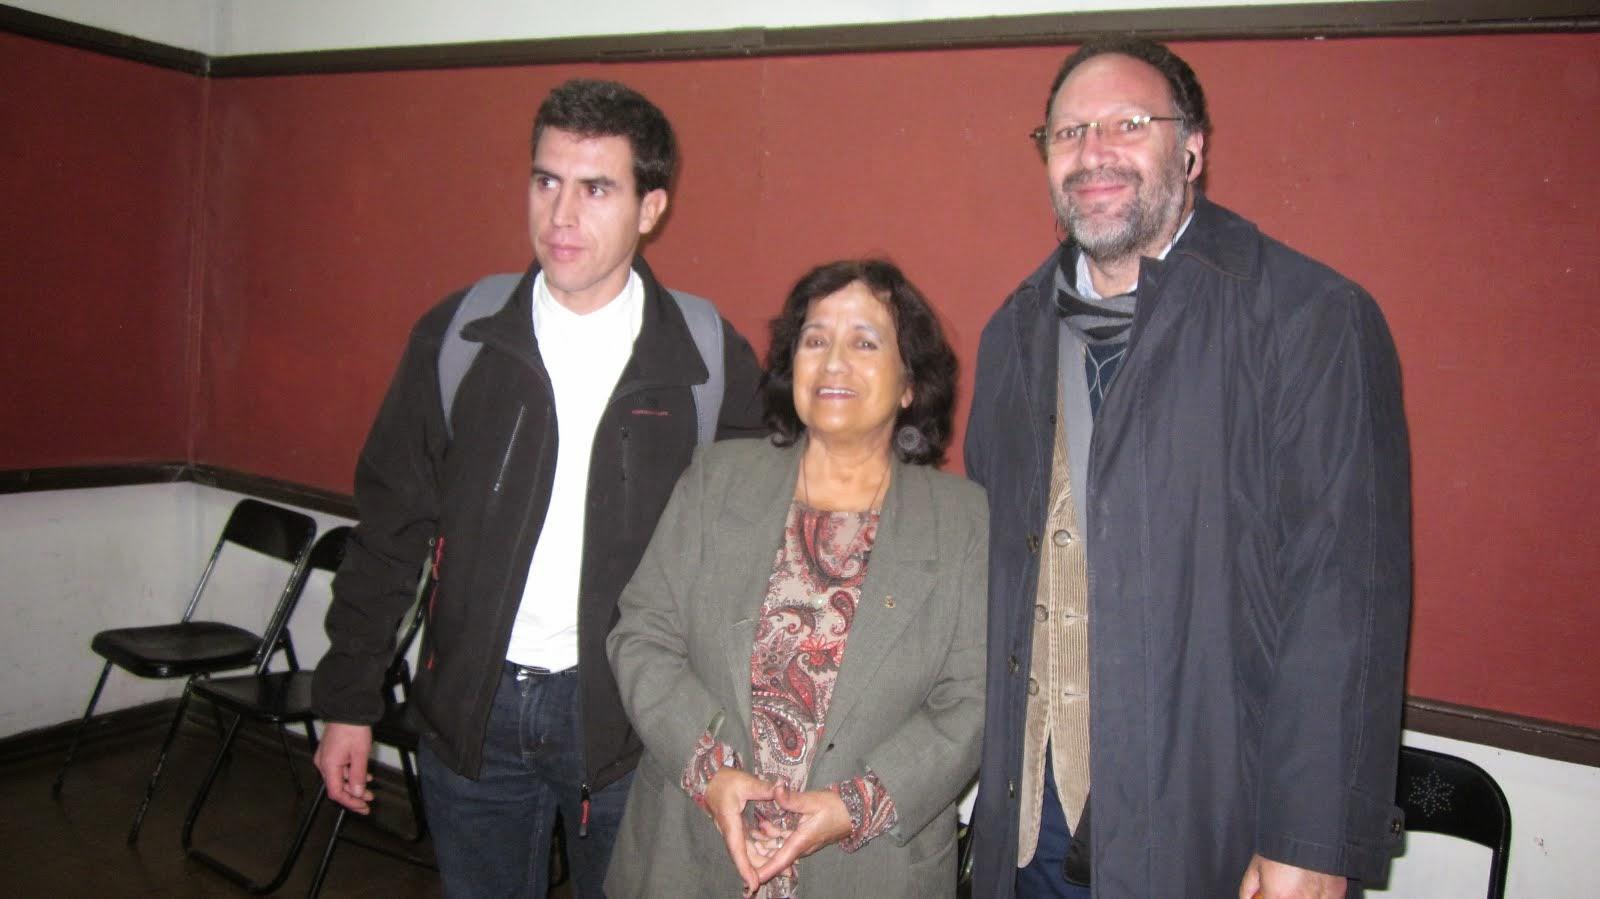 Segunda presentación de Destinos en Grupo Literario Ñuble (10 abril 2013)